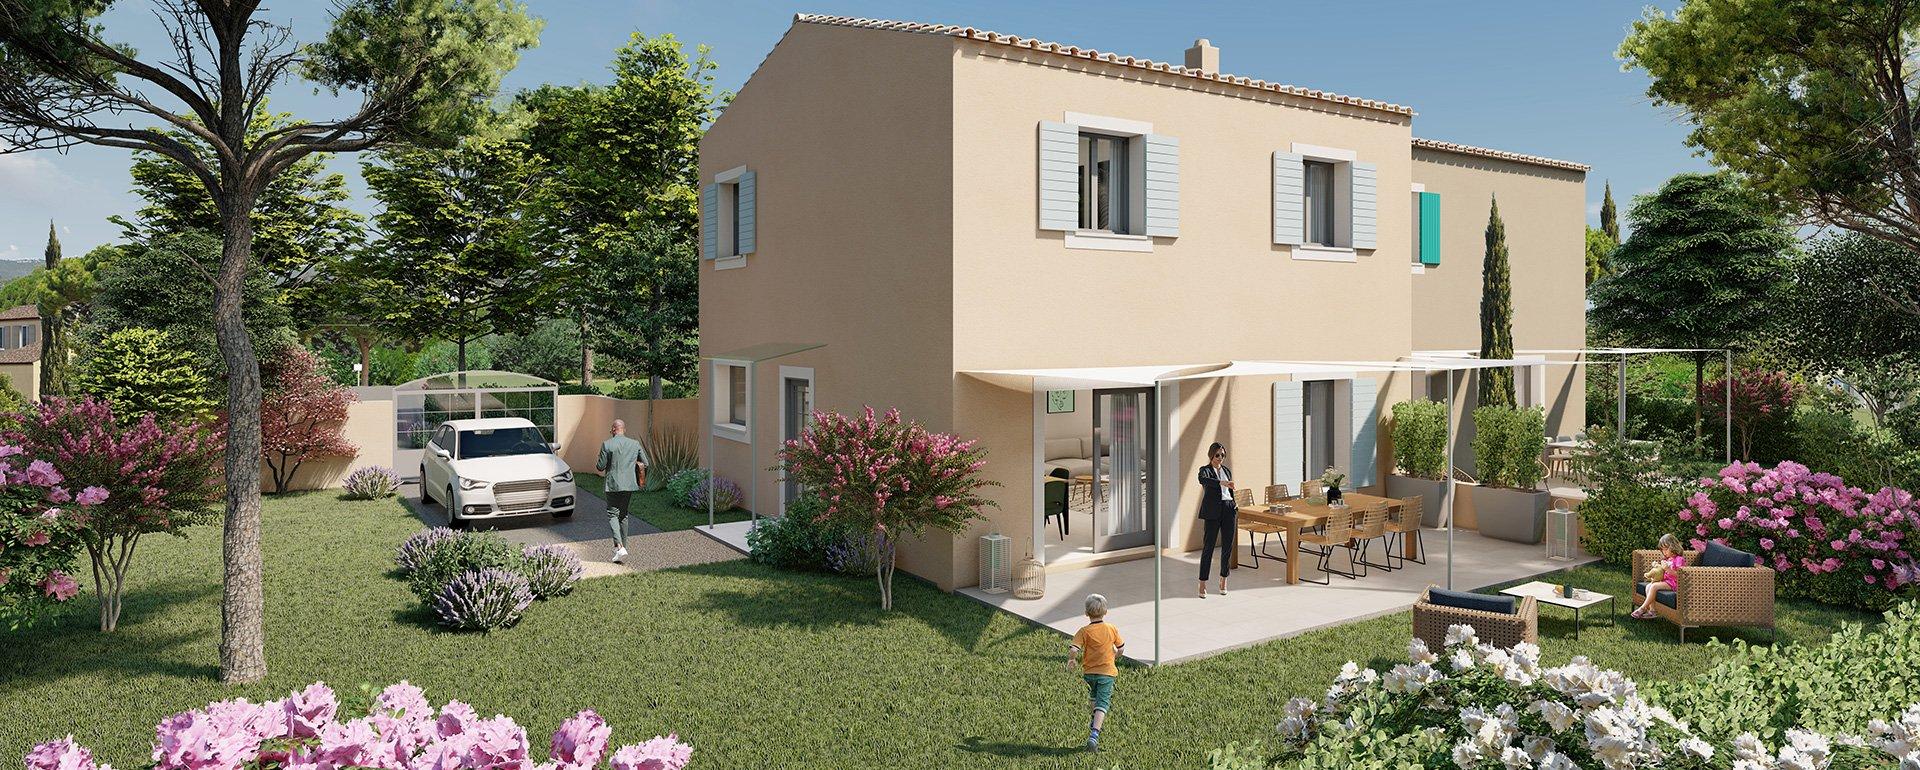 Lancement du programme «Lou Cade», 2 villas à Carcès (Var)